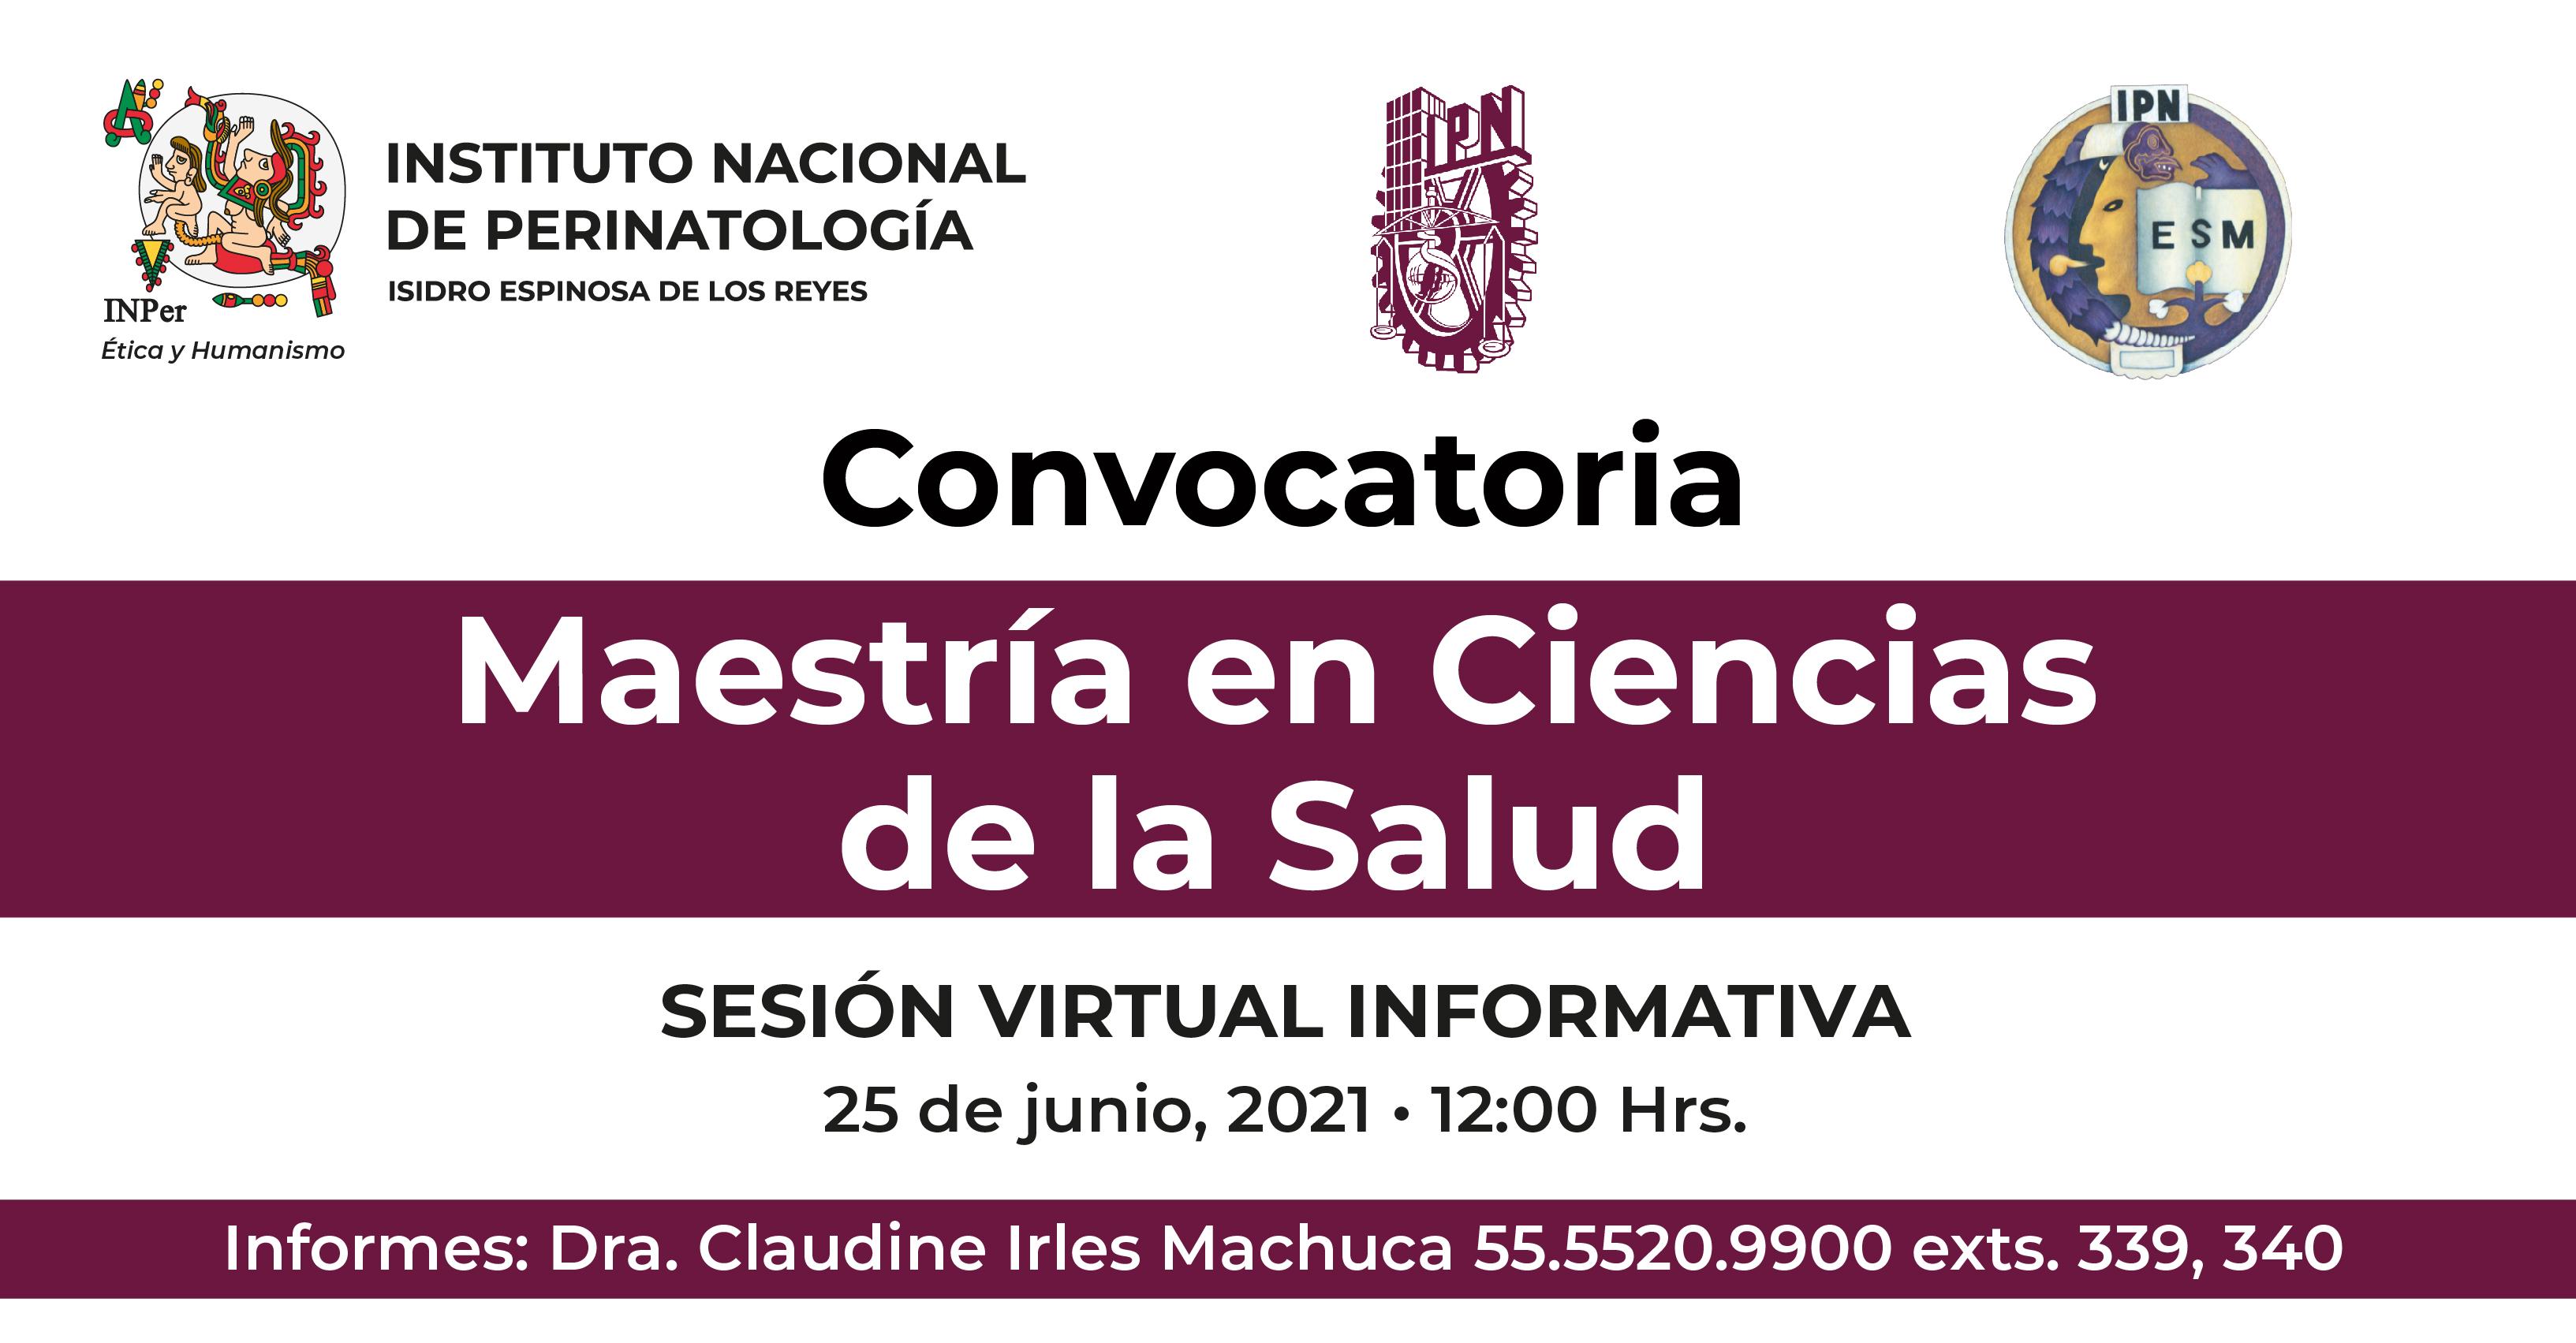 CONVOCATORIA DE MAESTRÍAS Y DOCTORADO EN CIENCIAS MÉDICAS 2022-2023